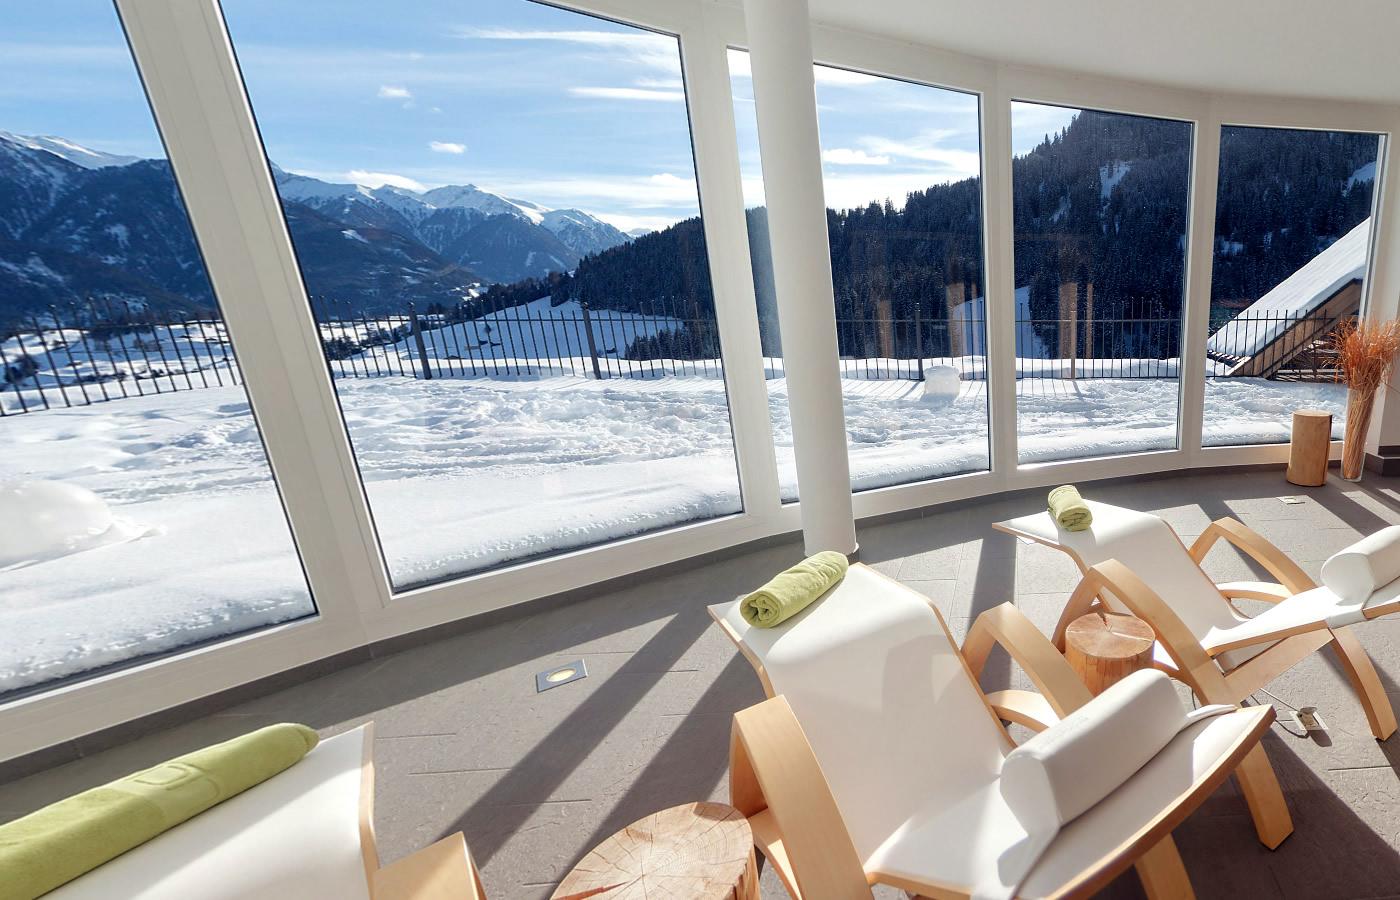 Fernblicke im Hotel Natürlich Wellnessbereich. Fiss,Tirol.